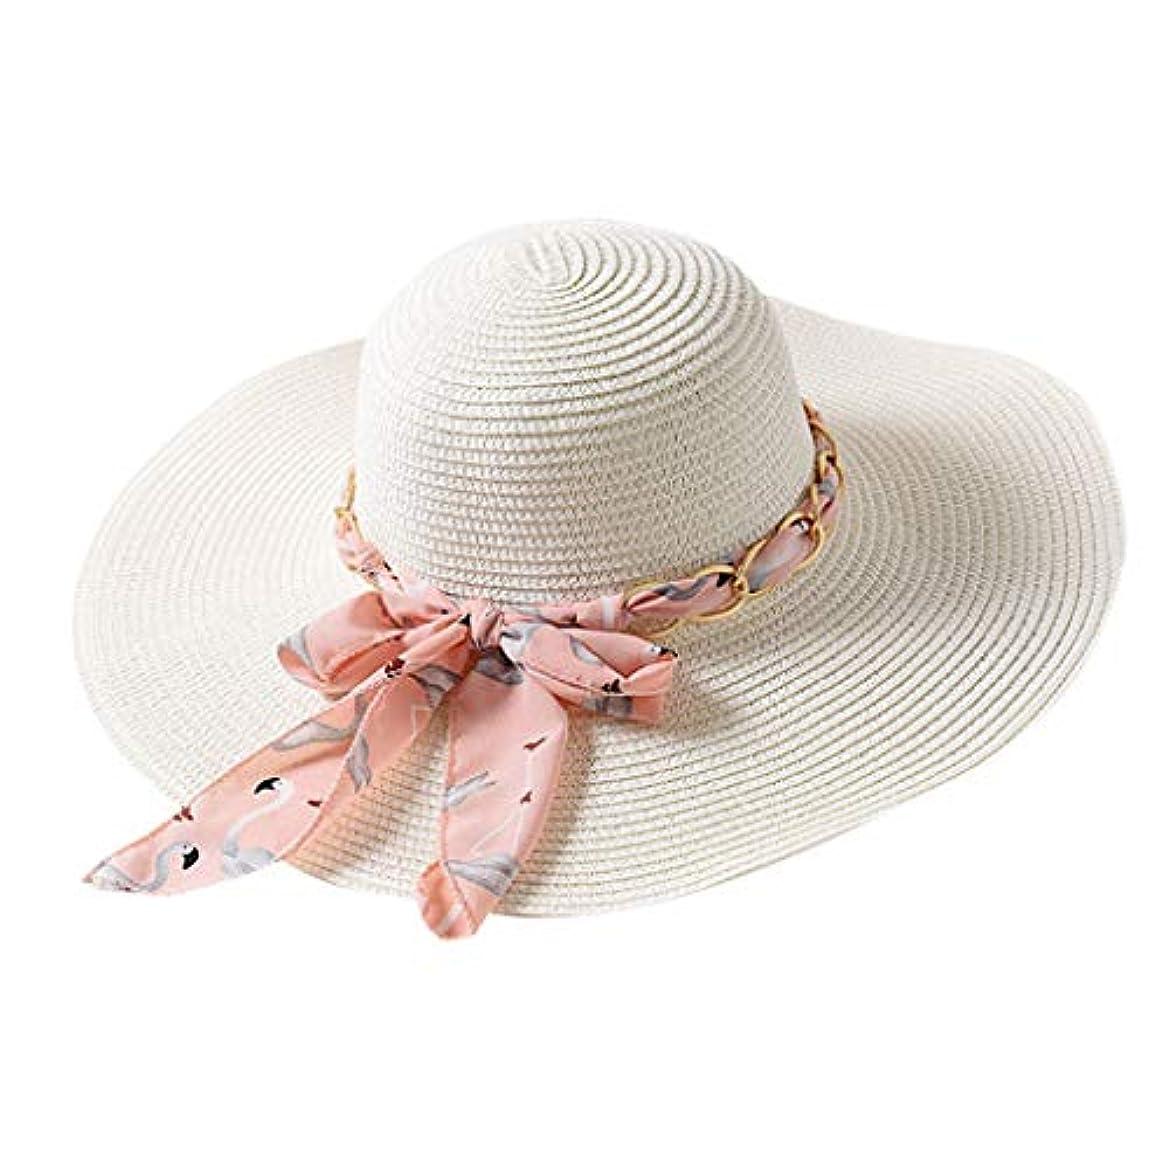 広範囲同様に分岐するファッション小物 夏 帽子 レディース UVカット 帽子 ハット レディース 紫外線対策 日焼け防止 取り外すあご紐 つば広 おしゃれ 可愛い 夏季 折りたたみ サイズ調節可 旅行 女優帽 小顔効果抜群 ROSE ROMAN